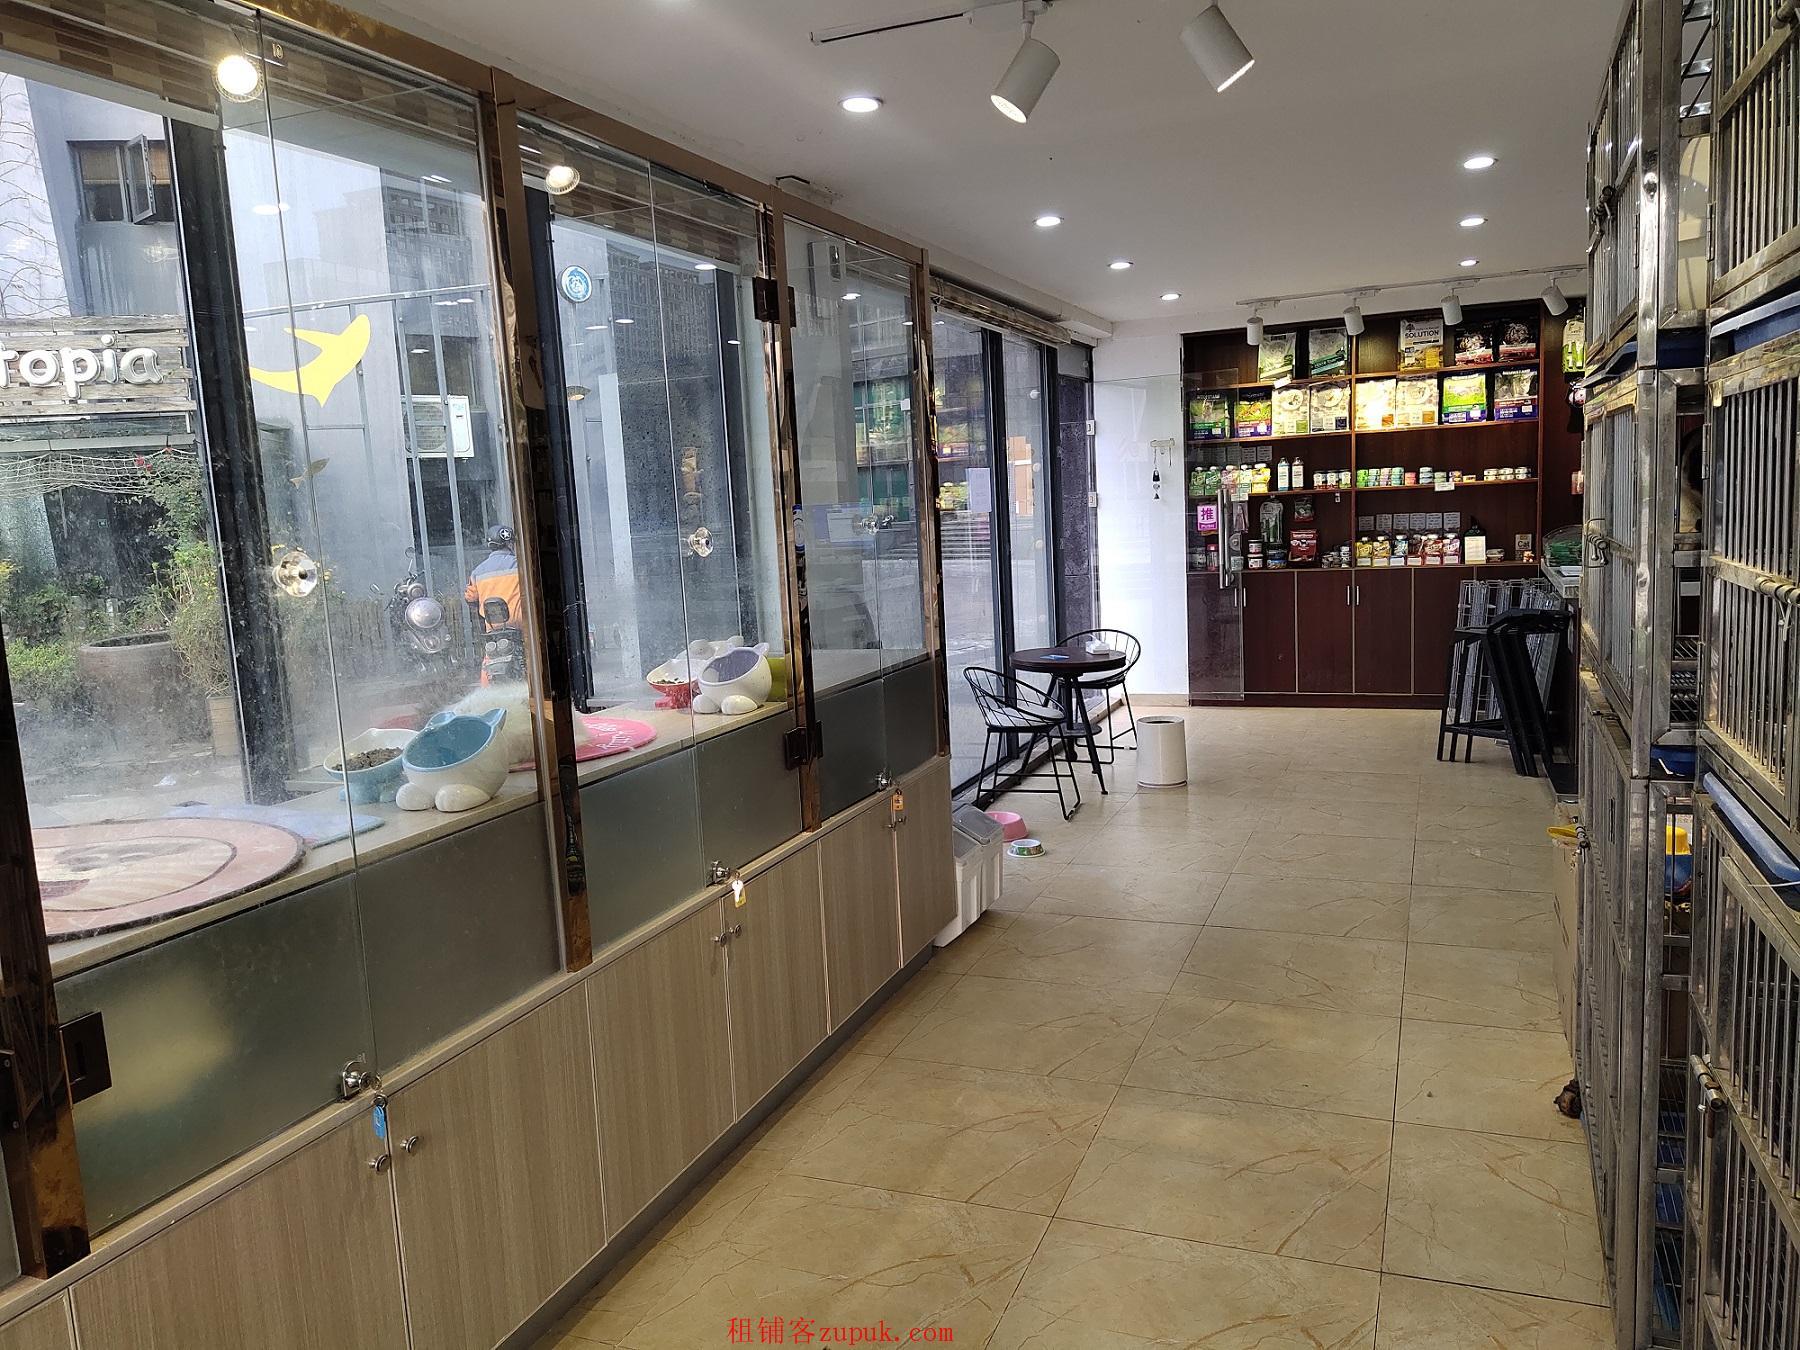 宁波大学附近嘉盛银座临街店铺,小区进出口,咖啡馆正对面。